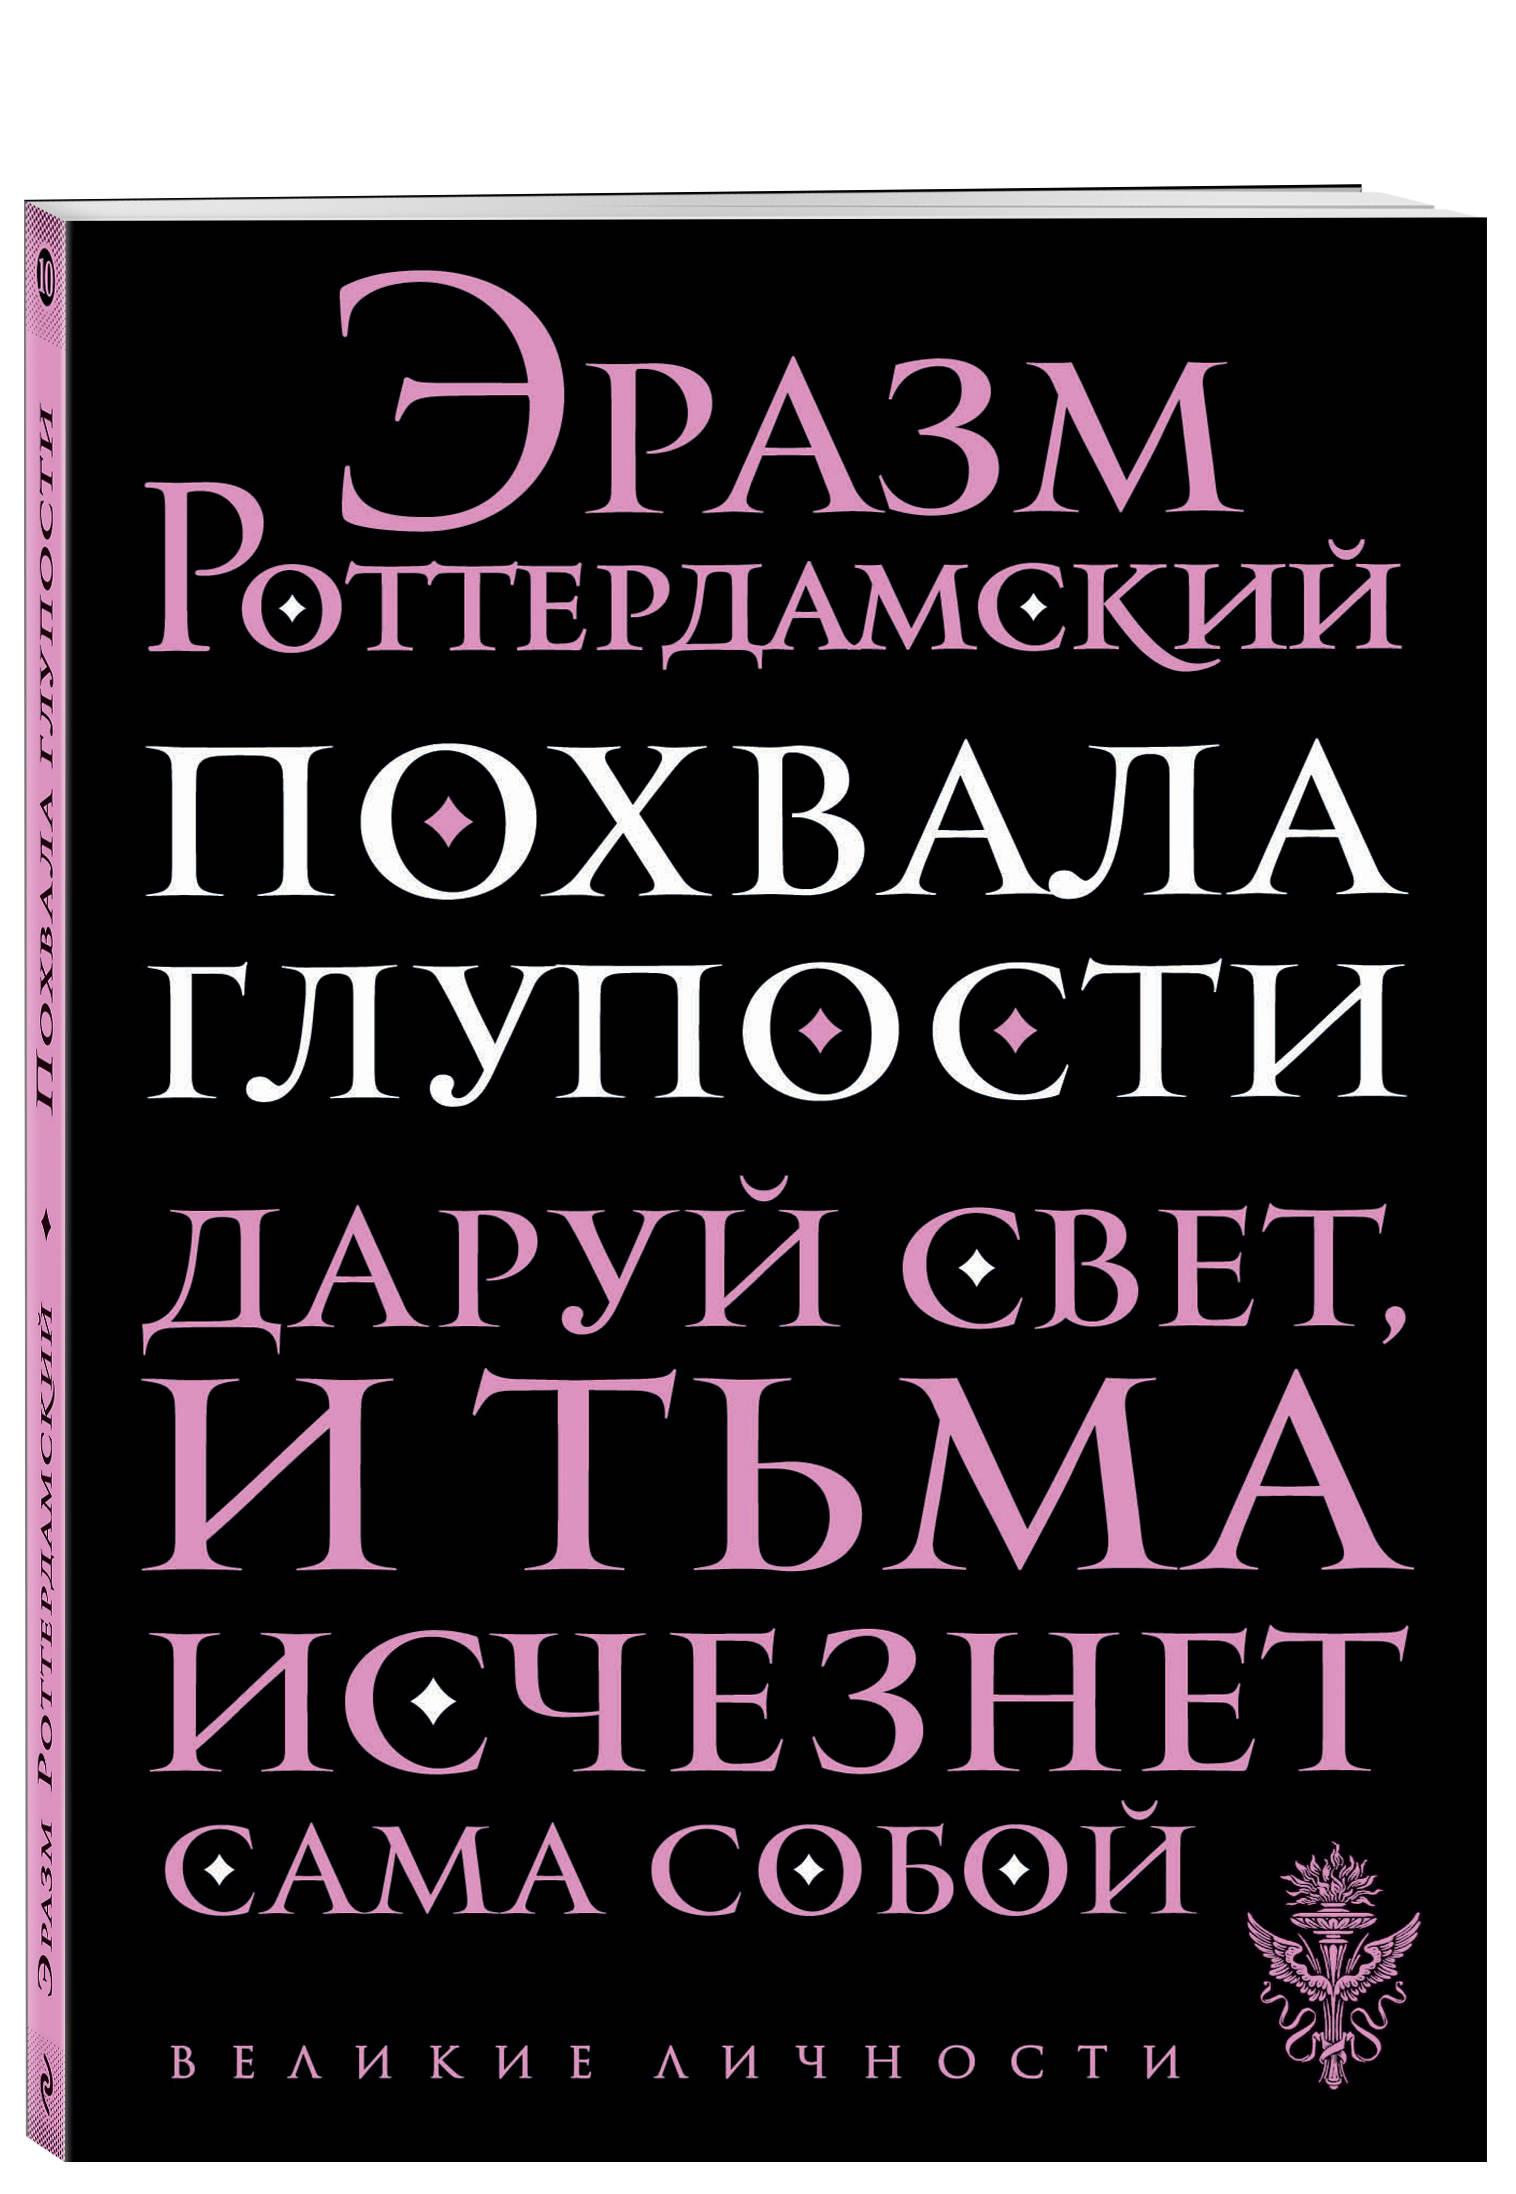 Похвала глупости ( Эразм Р.  )